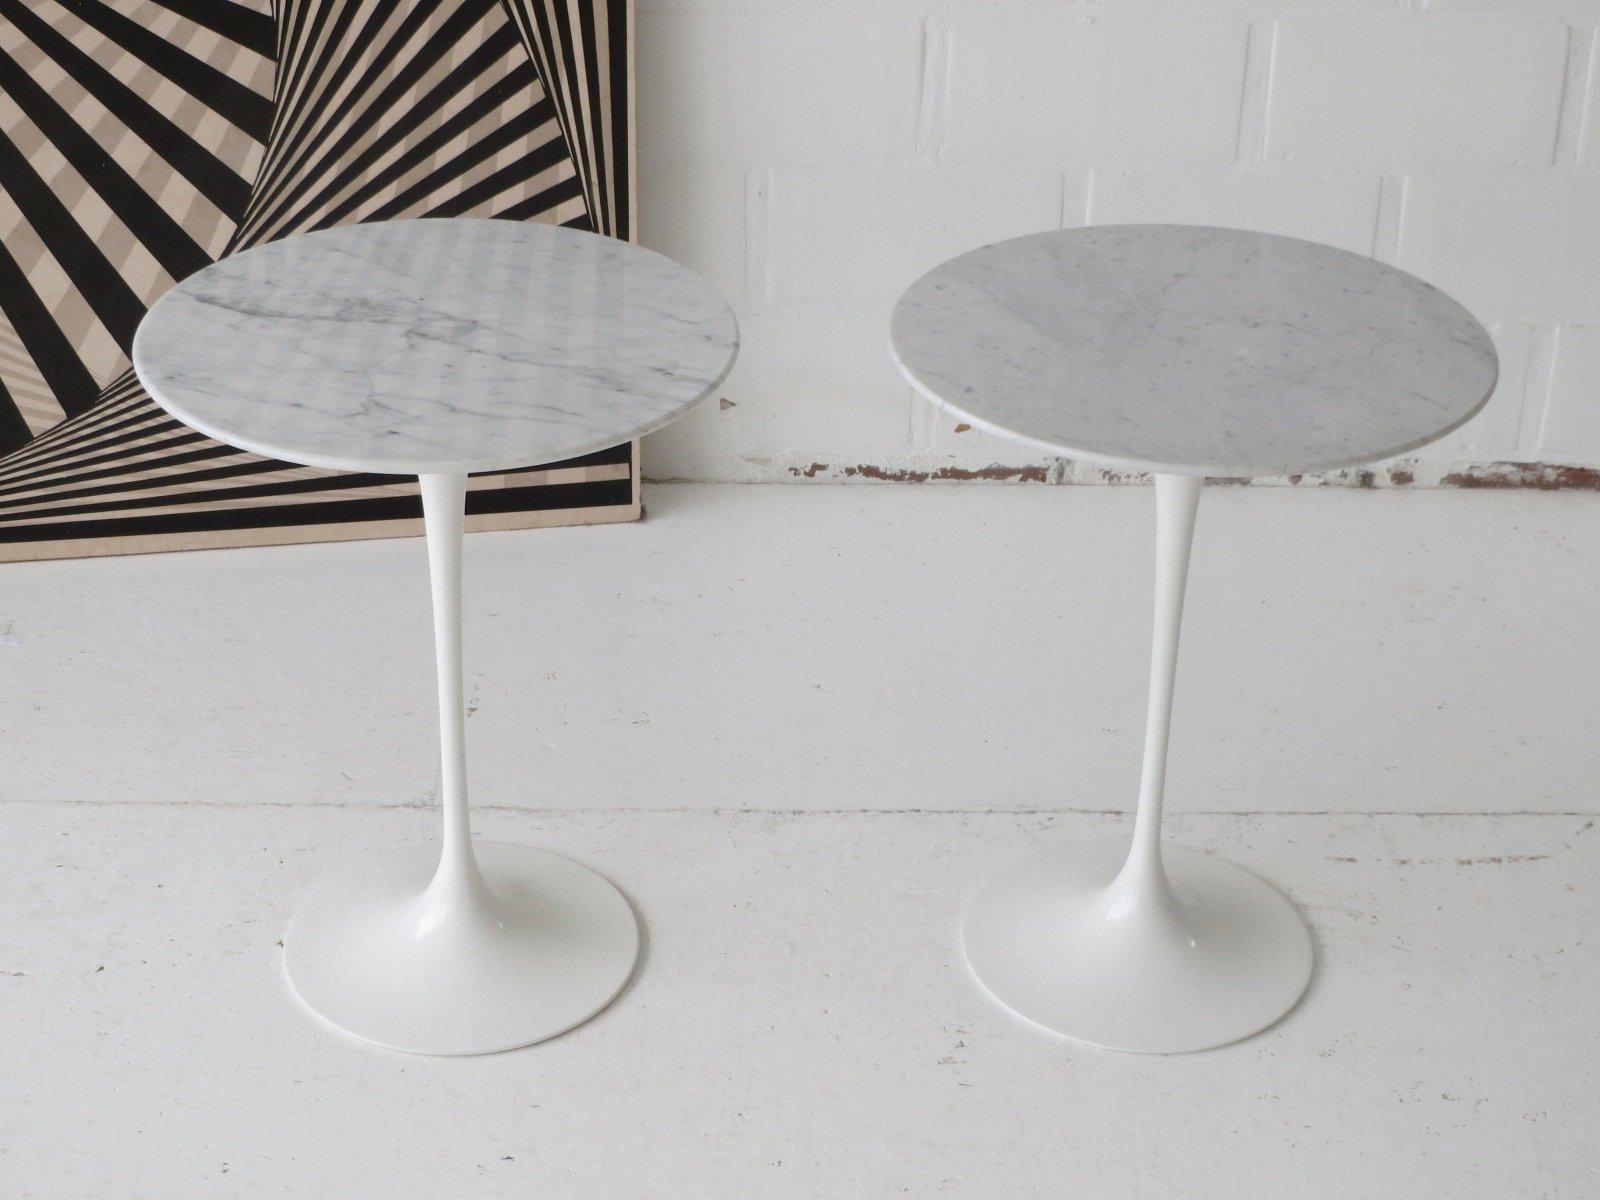 Table d 39 appoint tulipe ronde avec dessus en marbre carara par eero saarinen pour knoll belgique - Table d appoint marbre ...